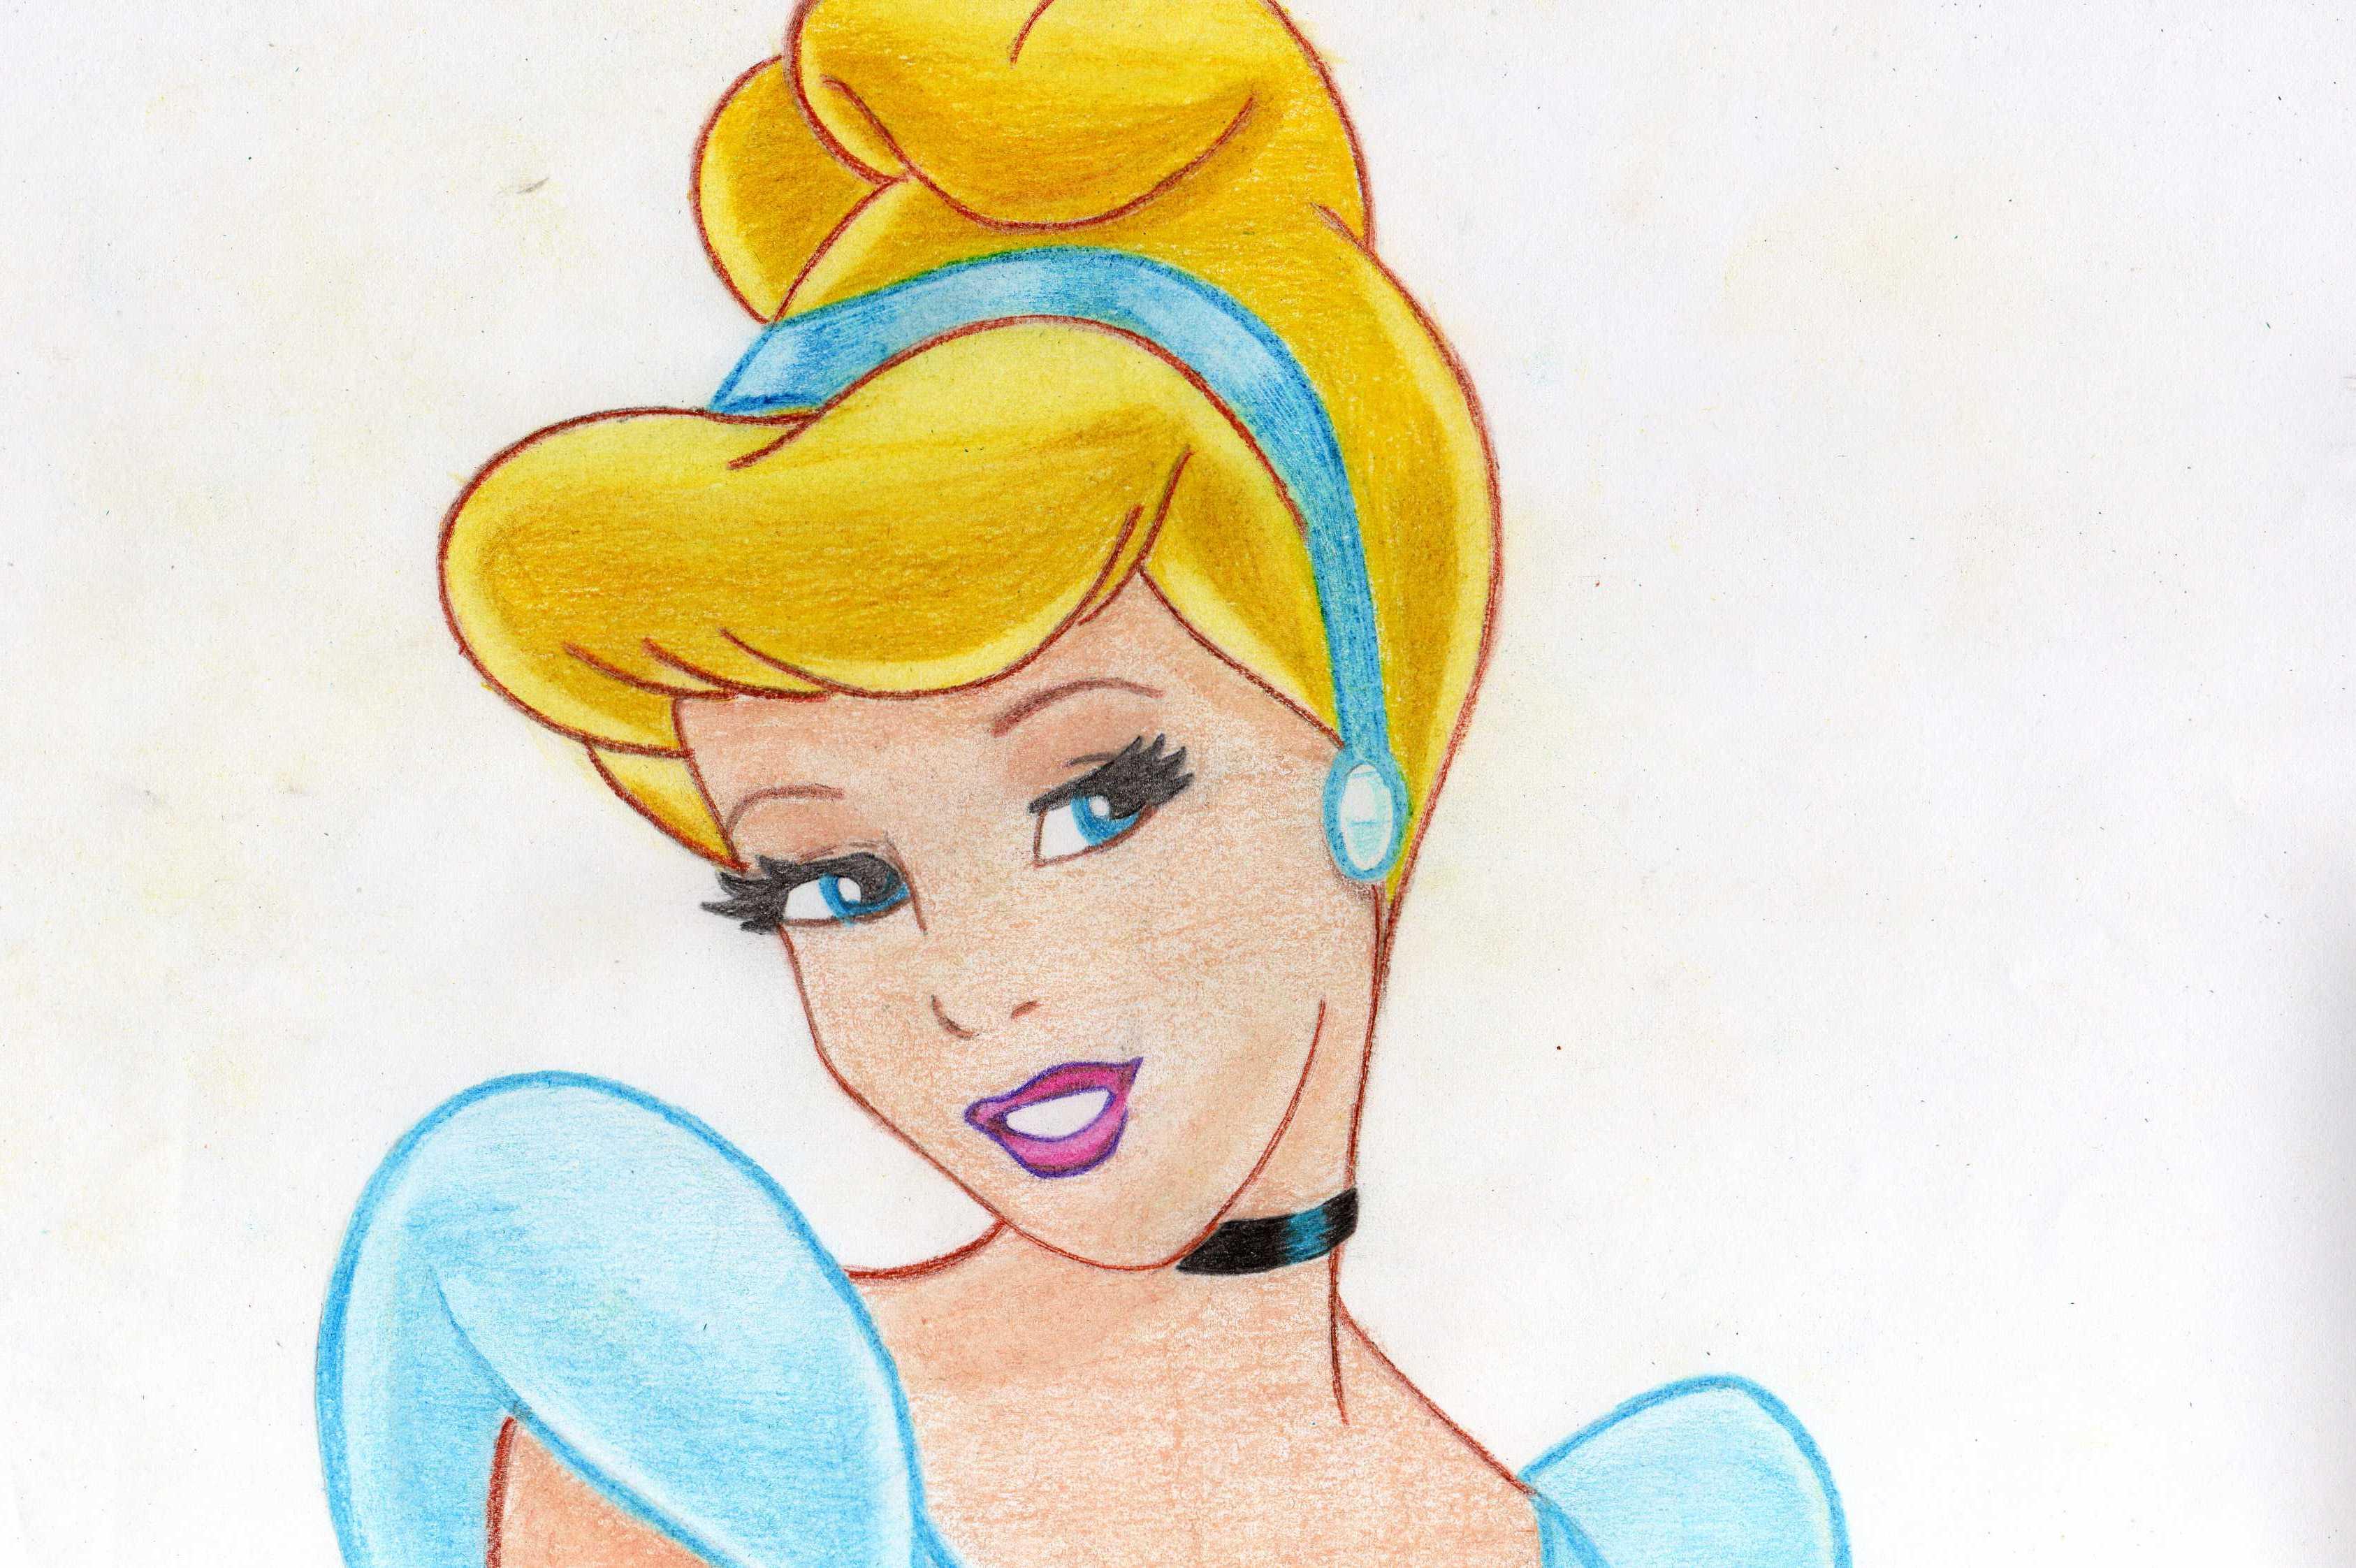 Cinderella by Artemisia64 on DeviantArt